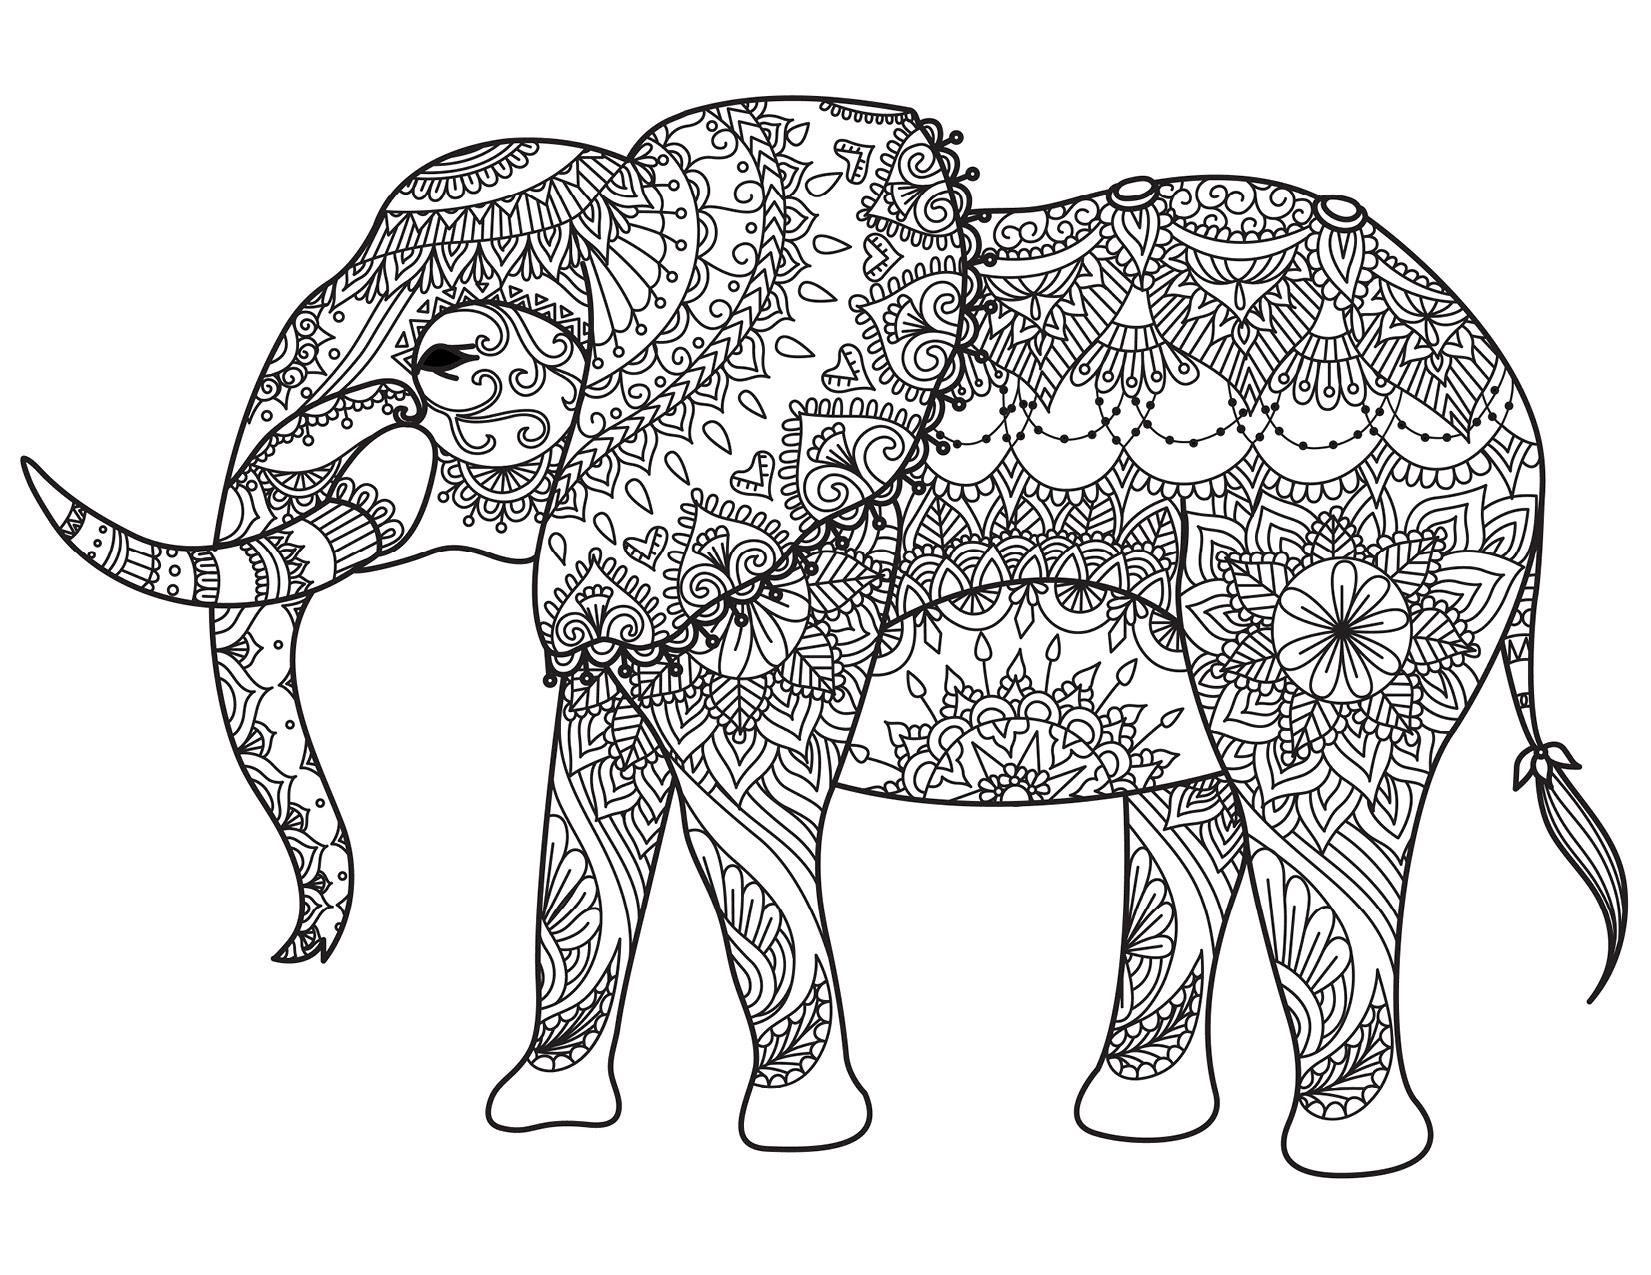 Coloriage Animaux A Imprimer Pour Adulte Par Bimbimkha Artherapie Ca